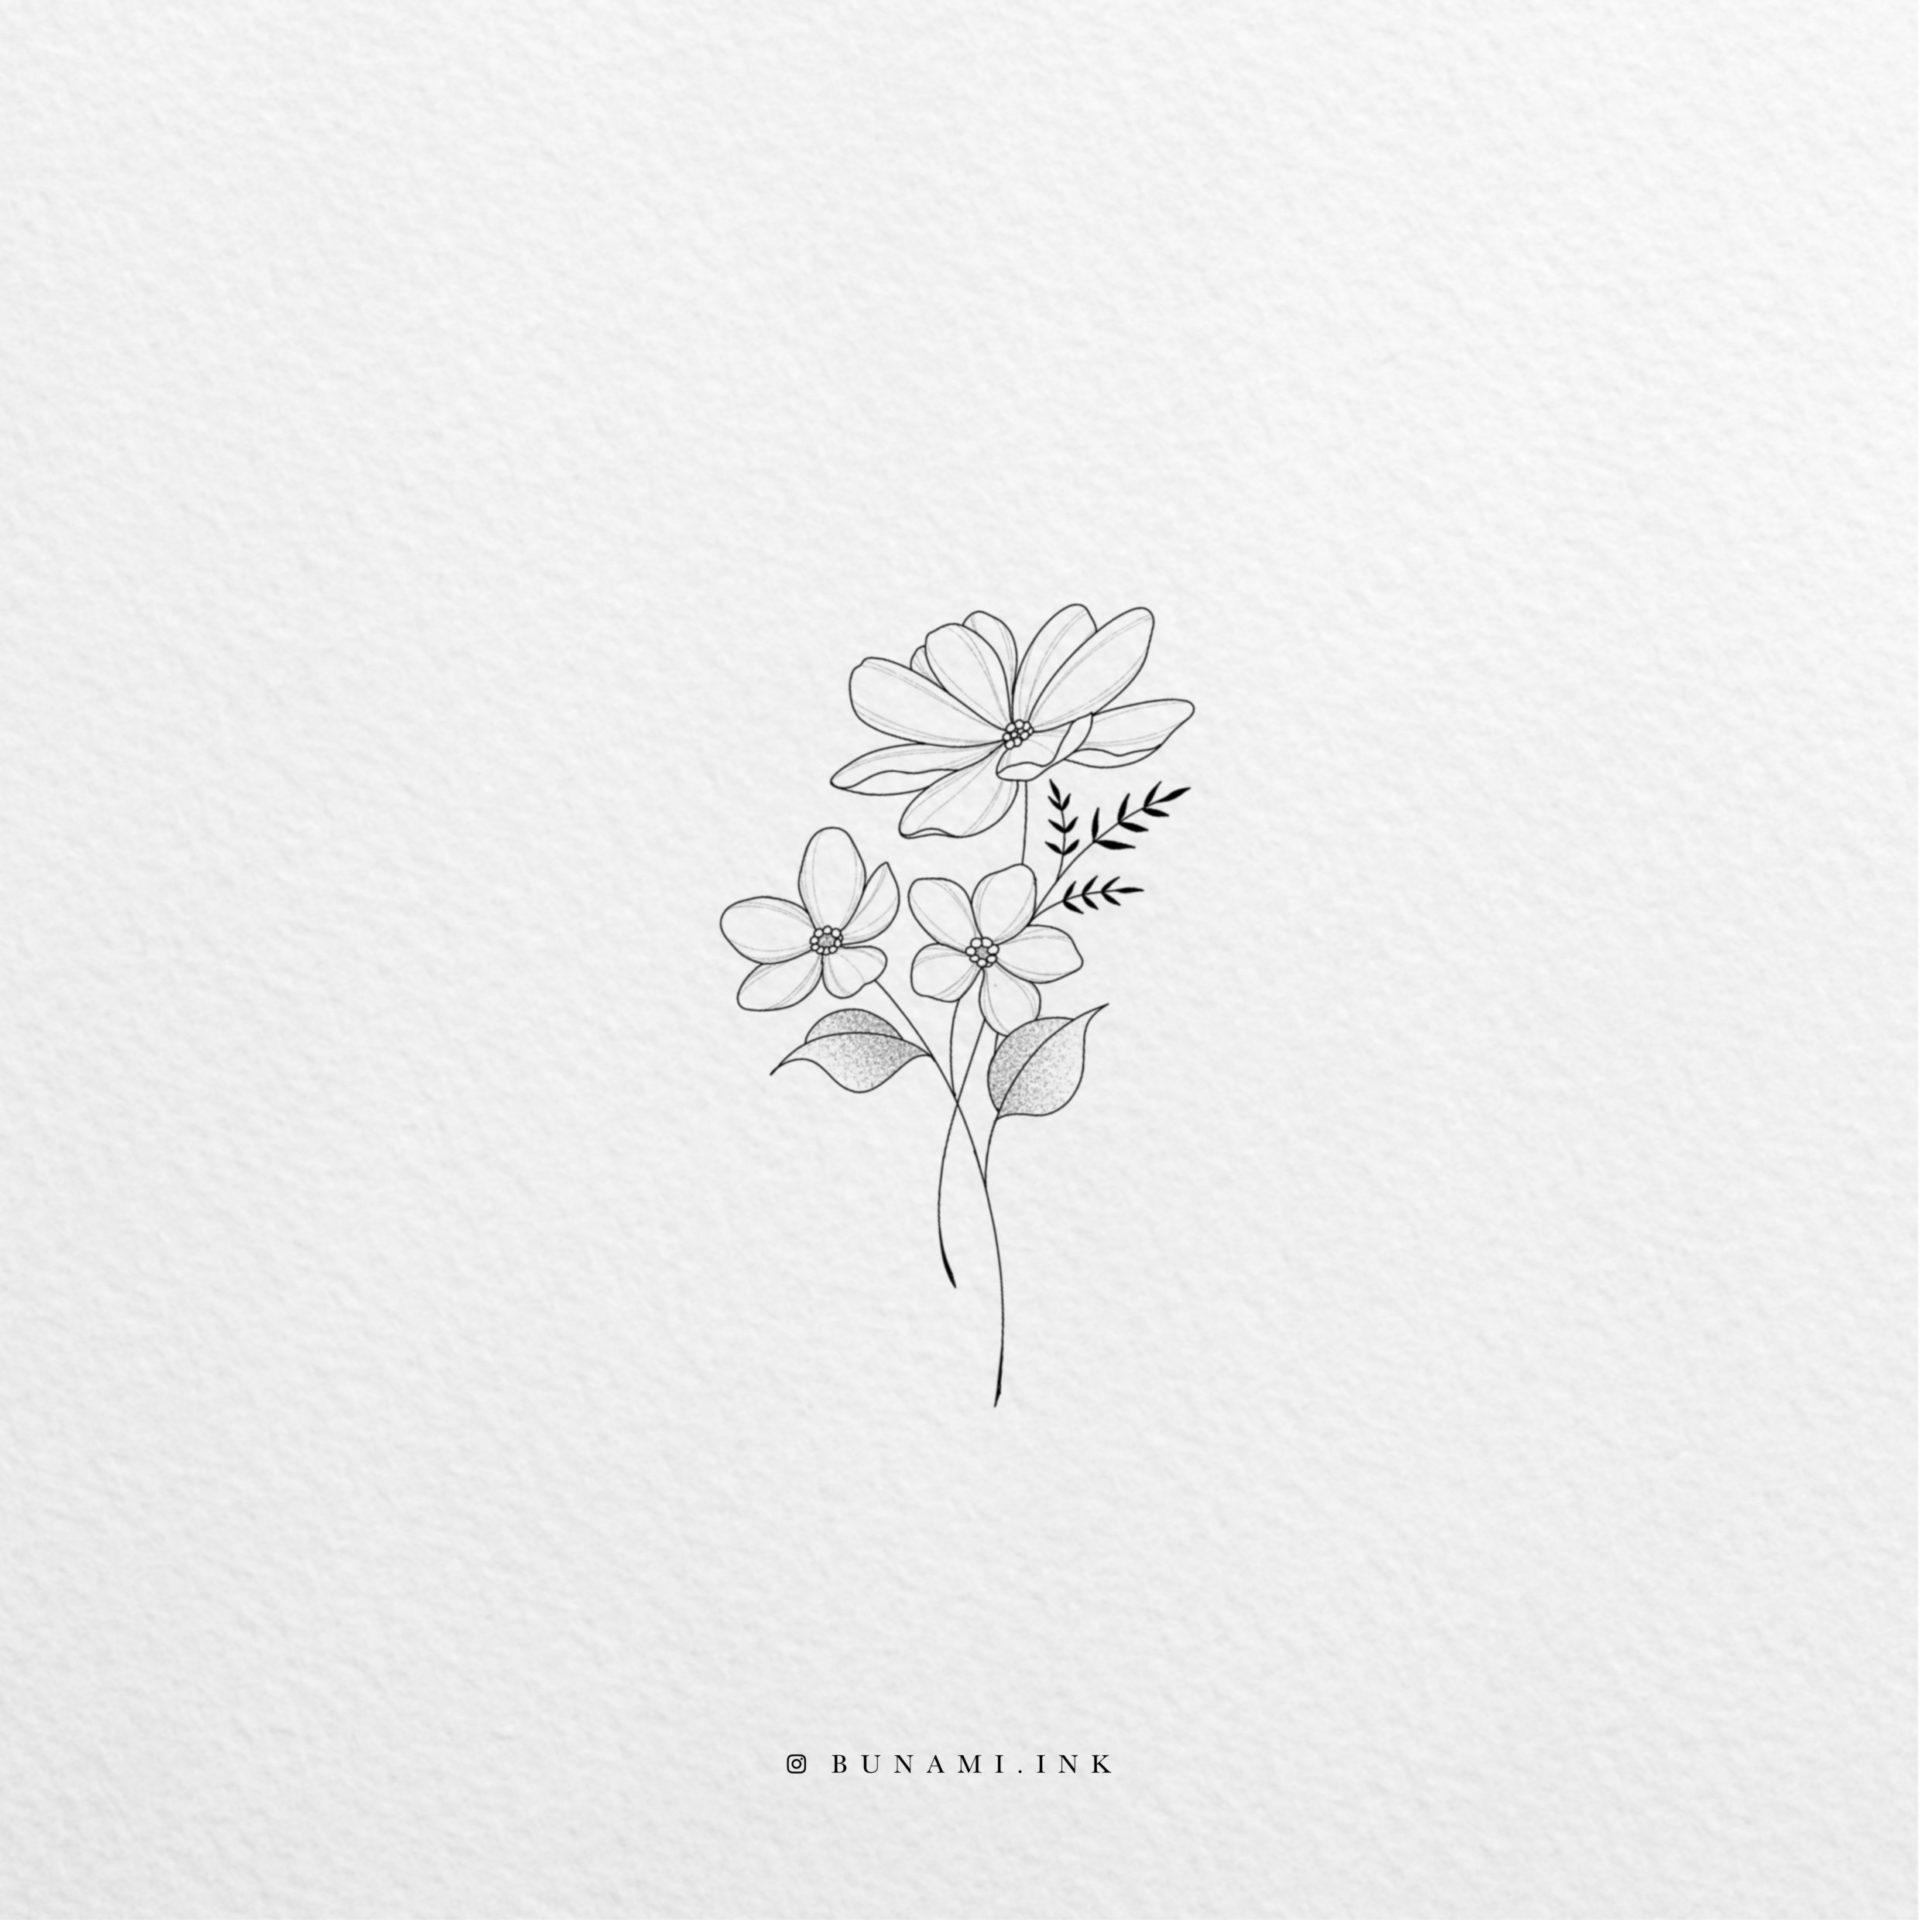 wild_forgetmenot_bouquet_2019-12-16 4